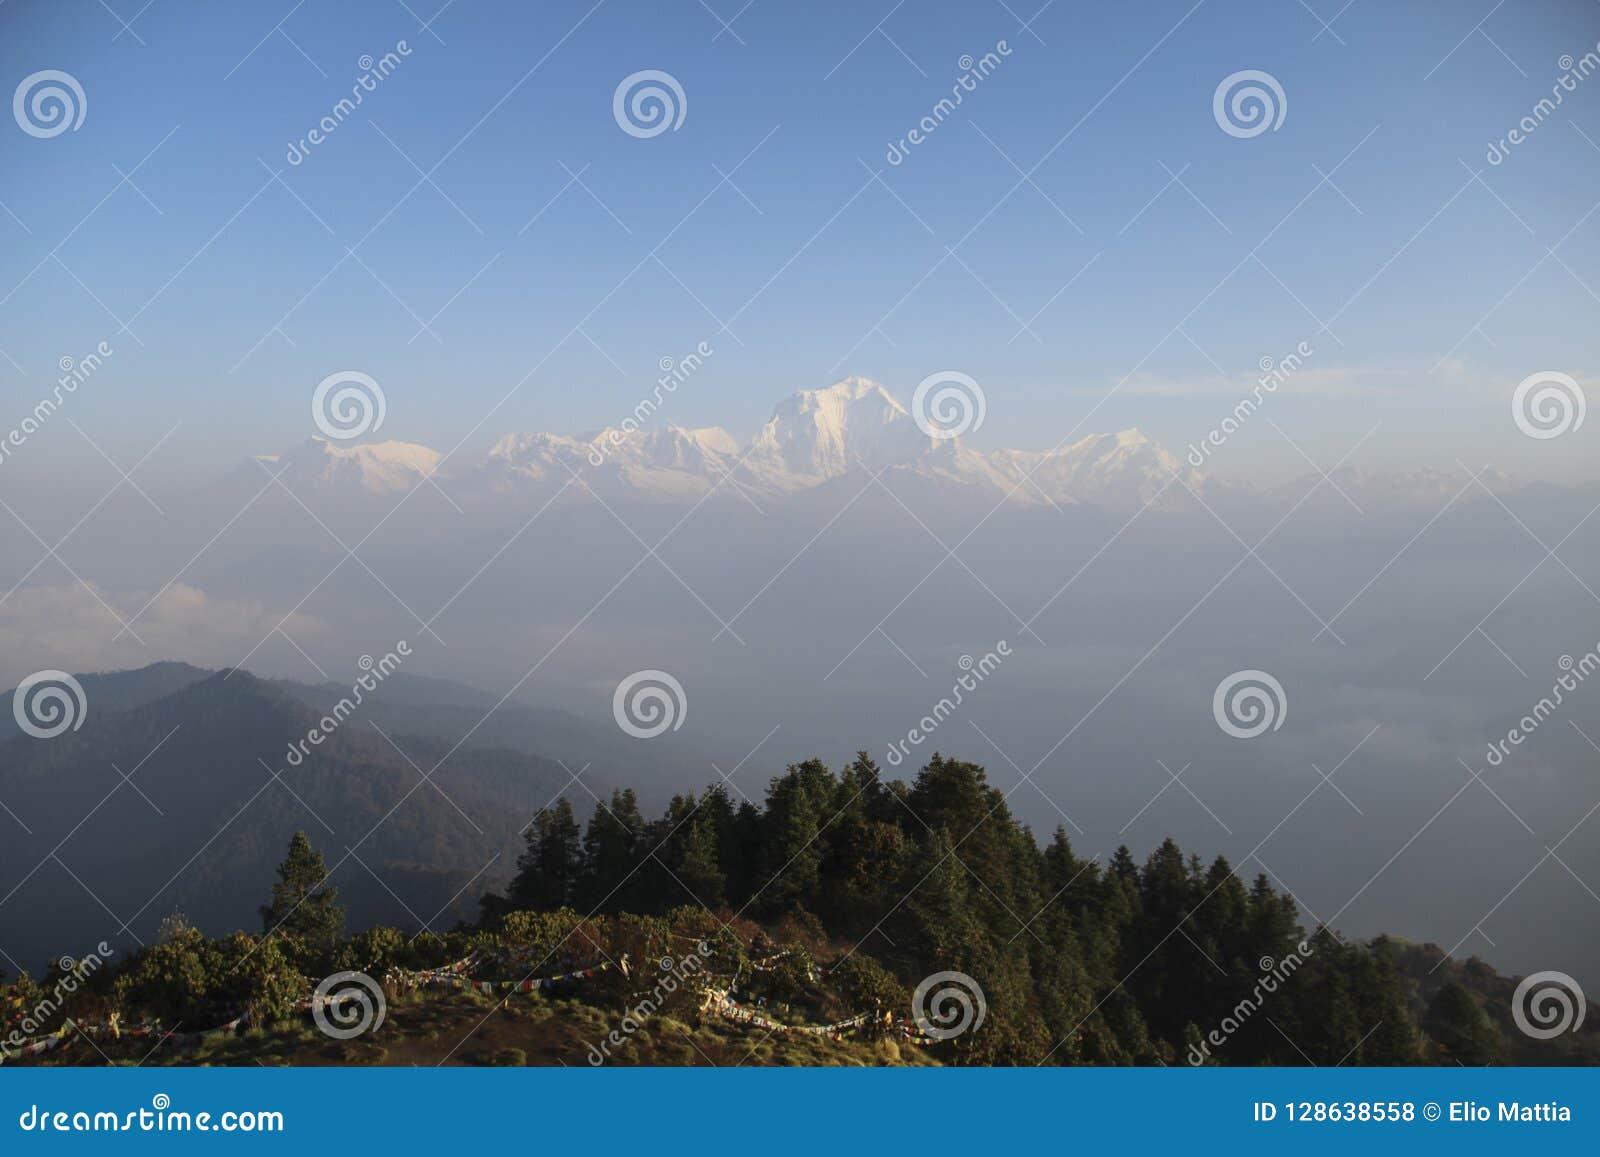 View of the Annapurna range from Poon Hill at sunrise, Ghorepani/Ghandruk, Nepal